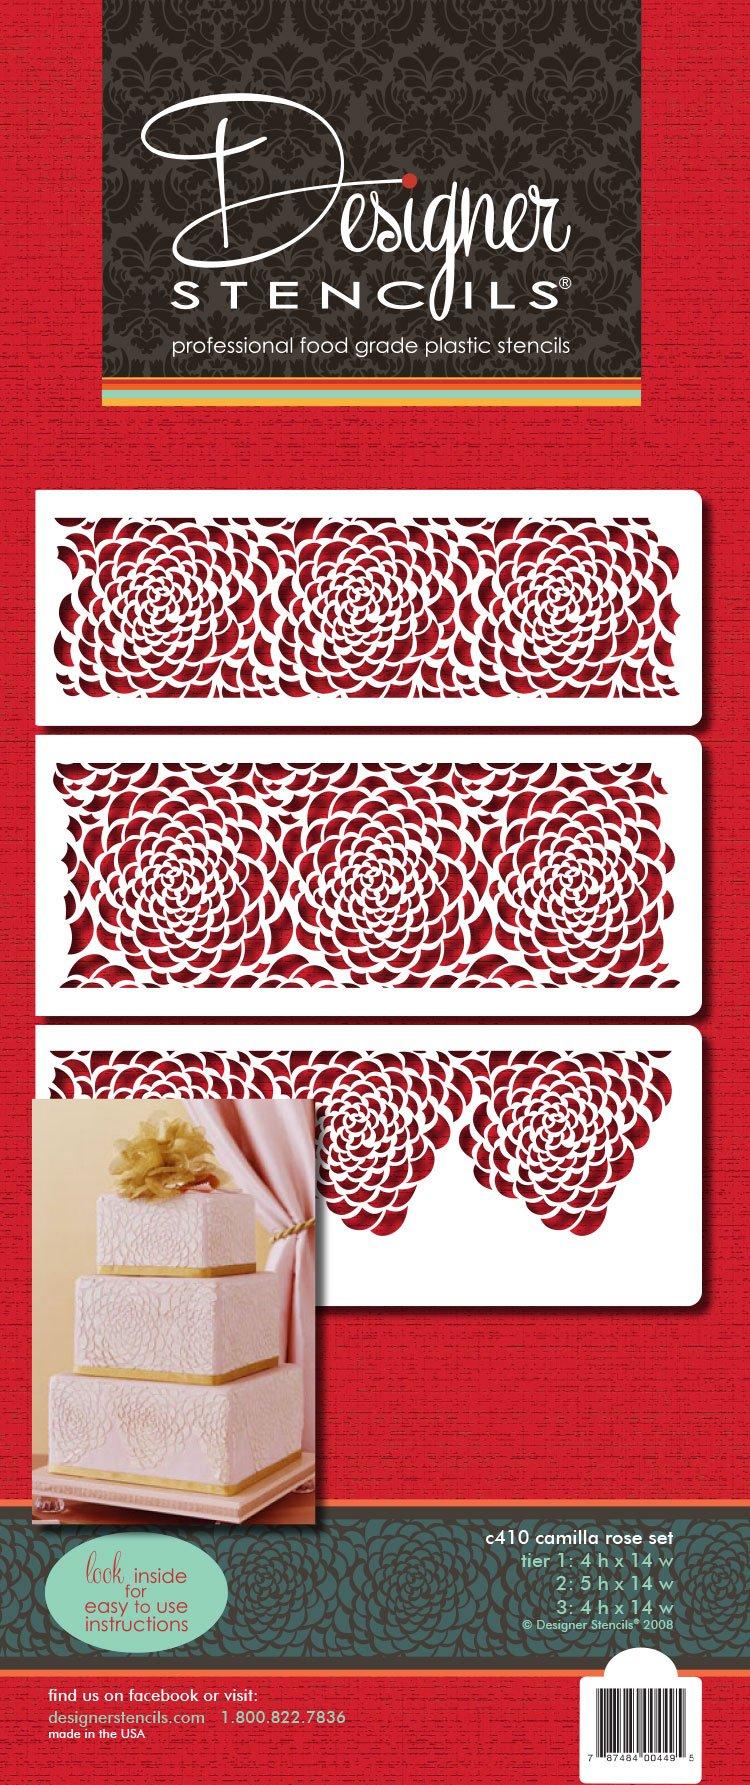 Designer Stencils C410 Camilla Rose 3-tier Set Cake Stencils, Beige/semi-transparent by Designer Stencils (Image #3)